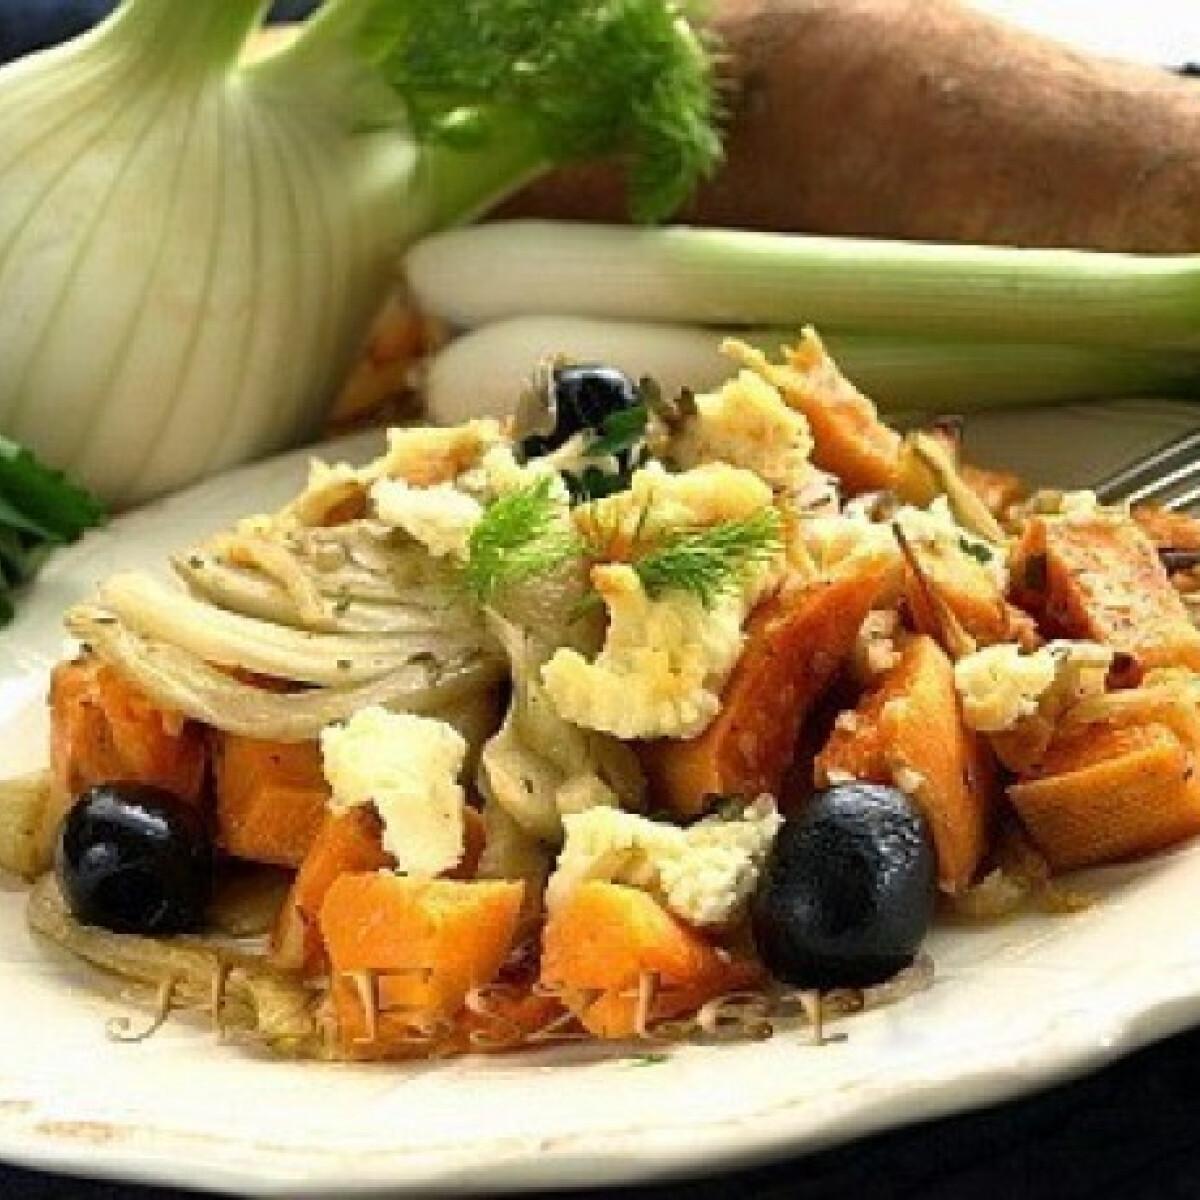 Ezen a képen: Édesköményes édesburgonya fetával és olívával